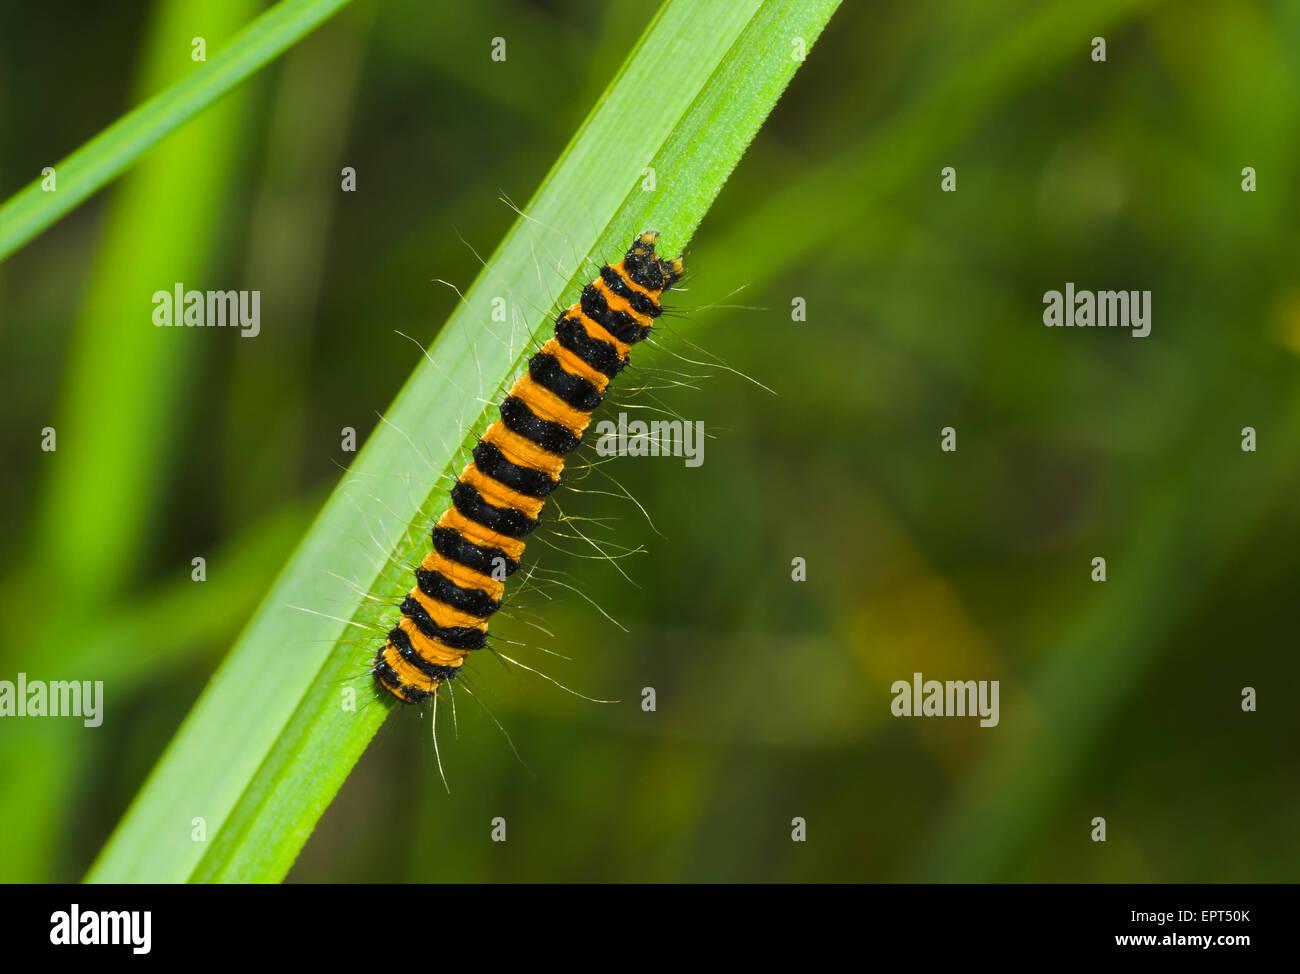 Pokemon green caterpillar orange strip girl haveing